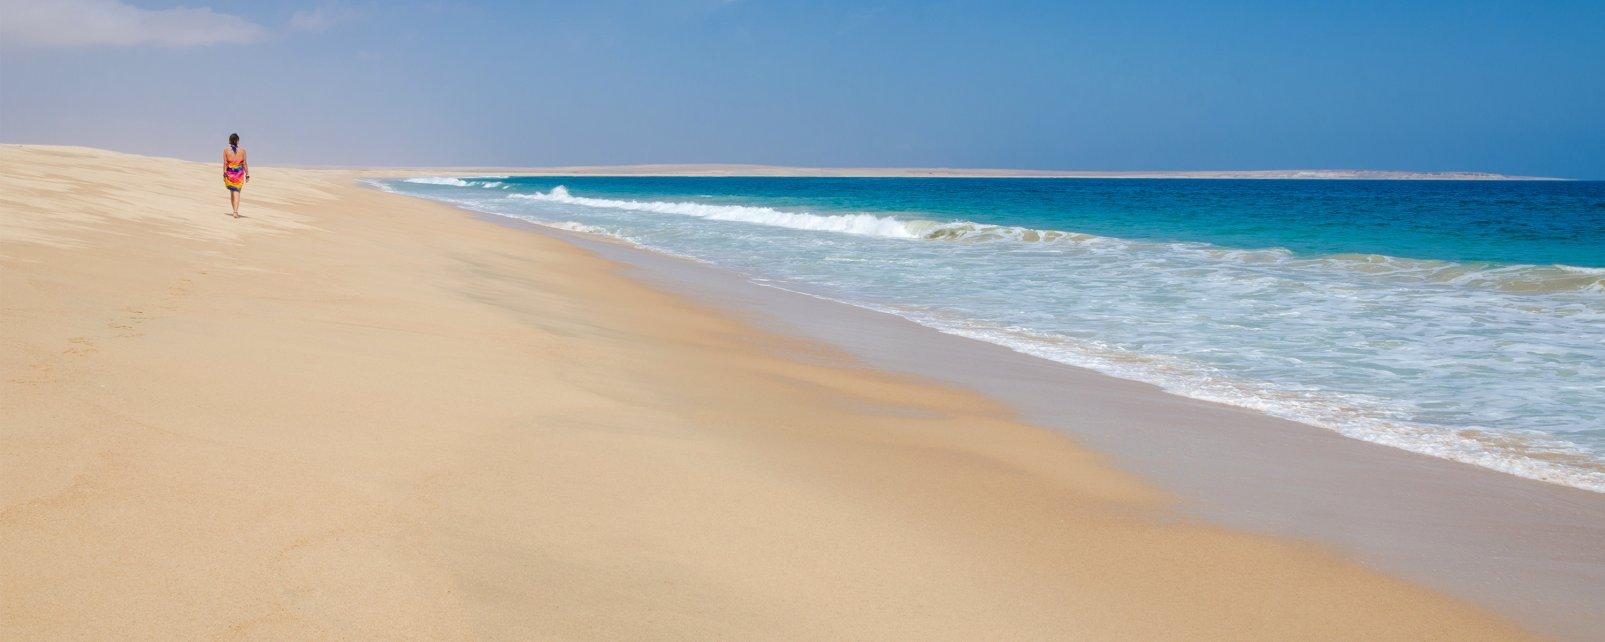 El litoral, Las playas, Las costas, Angola